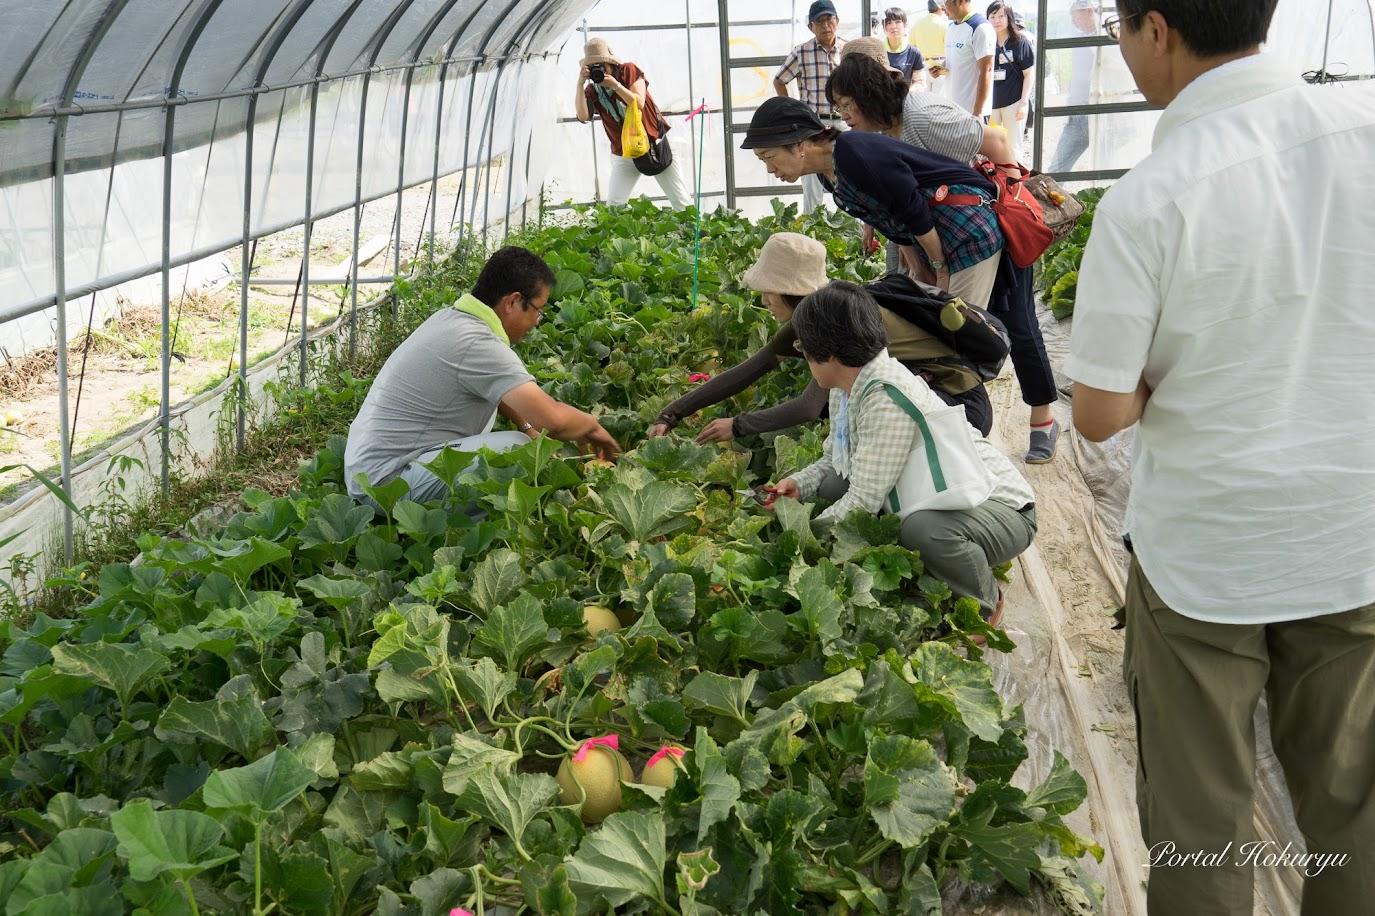 渡邊さんから収穫方法の説明を受けます